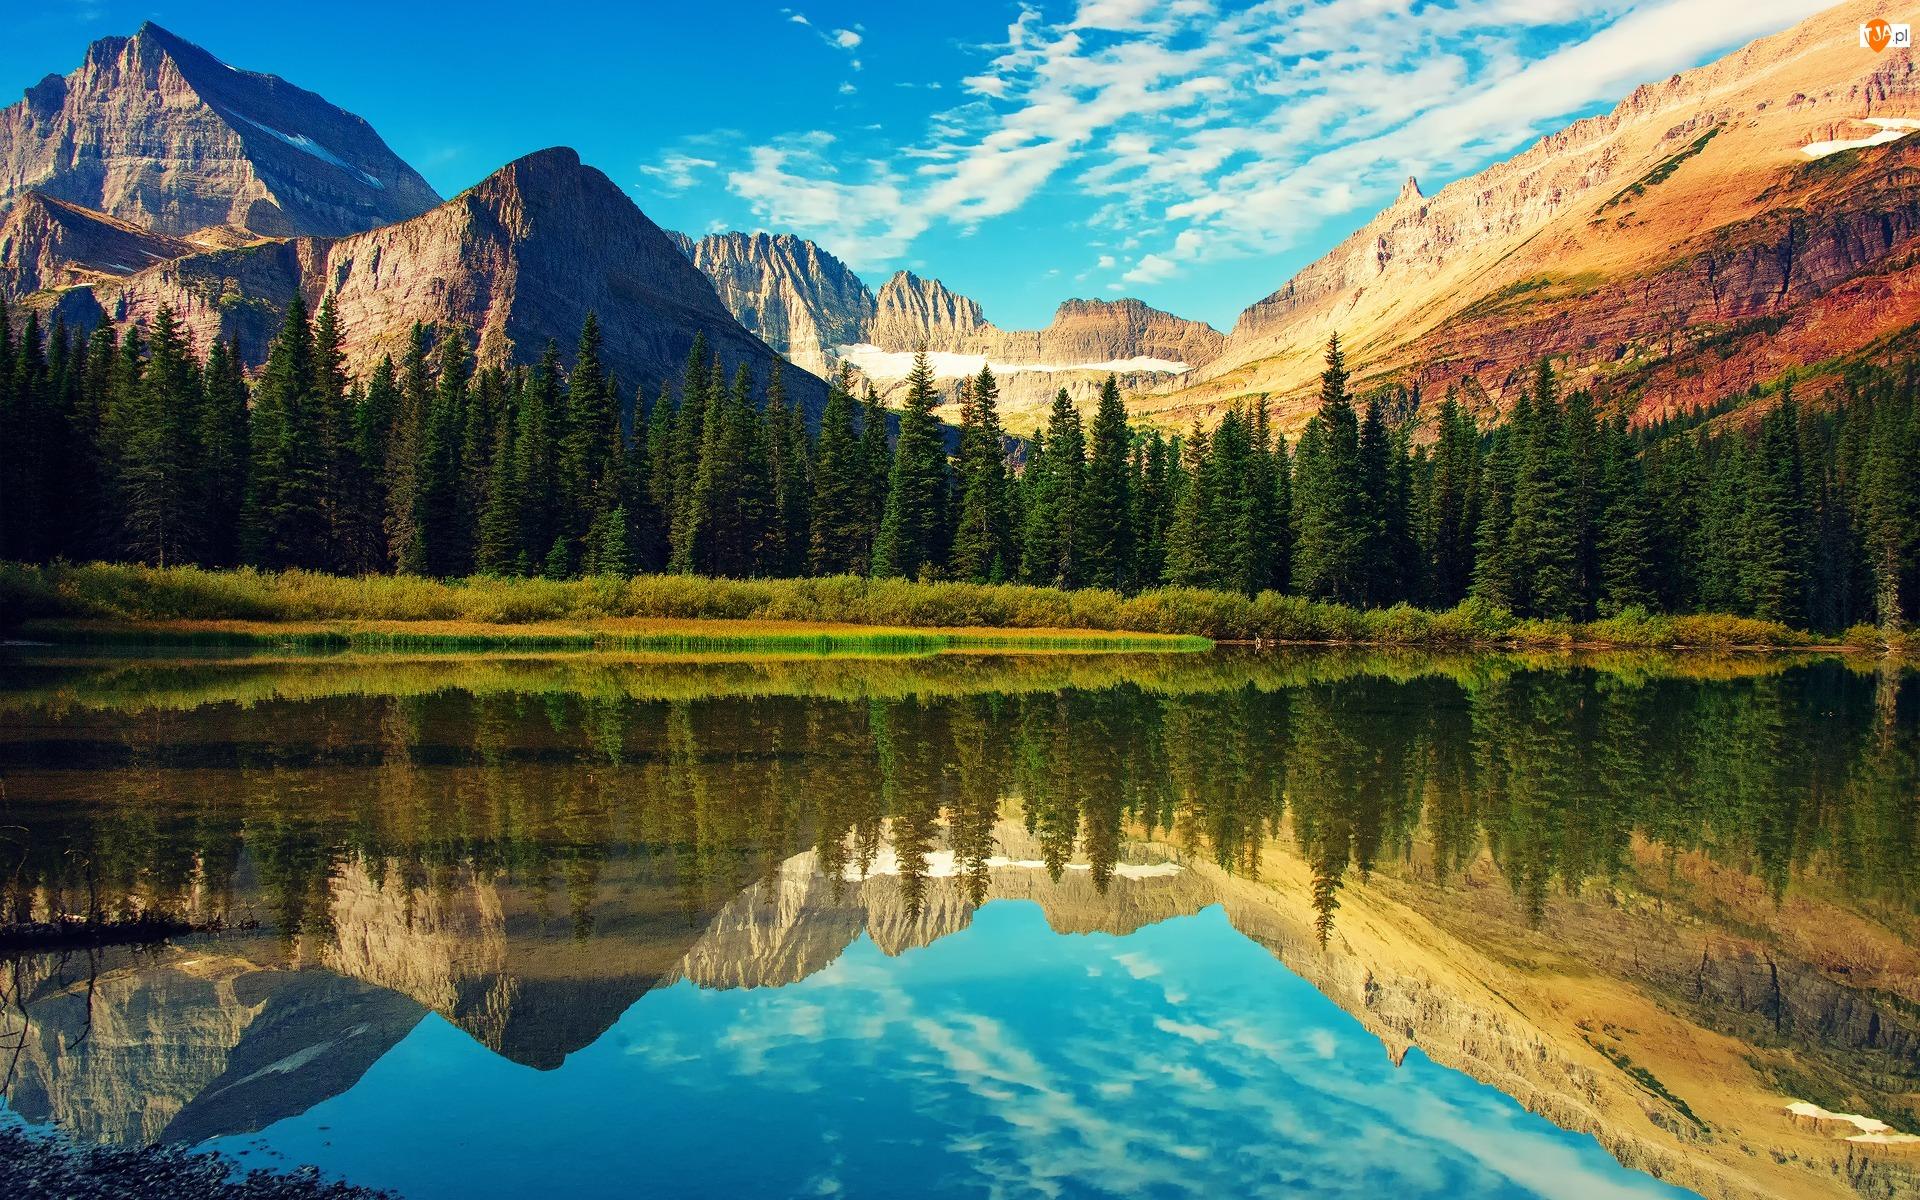 Drzewa, Stany Zjednoczone, Góry, Stan Wirginia, Jezioro Mountain Lake